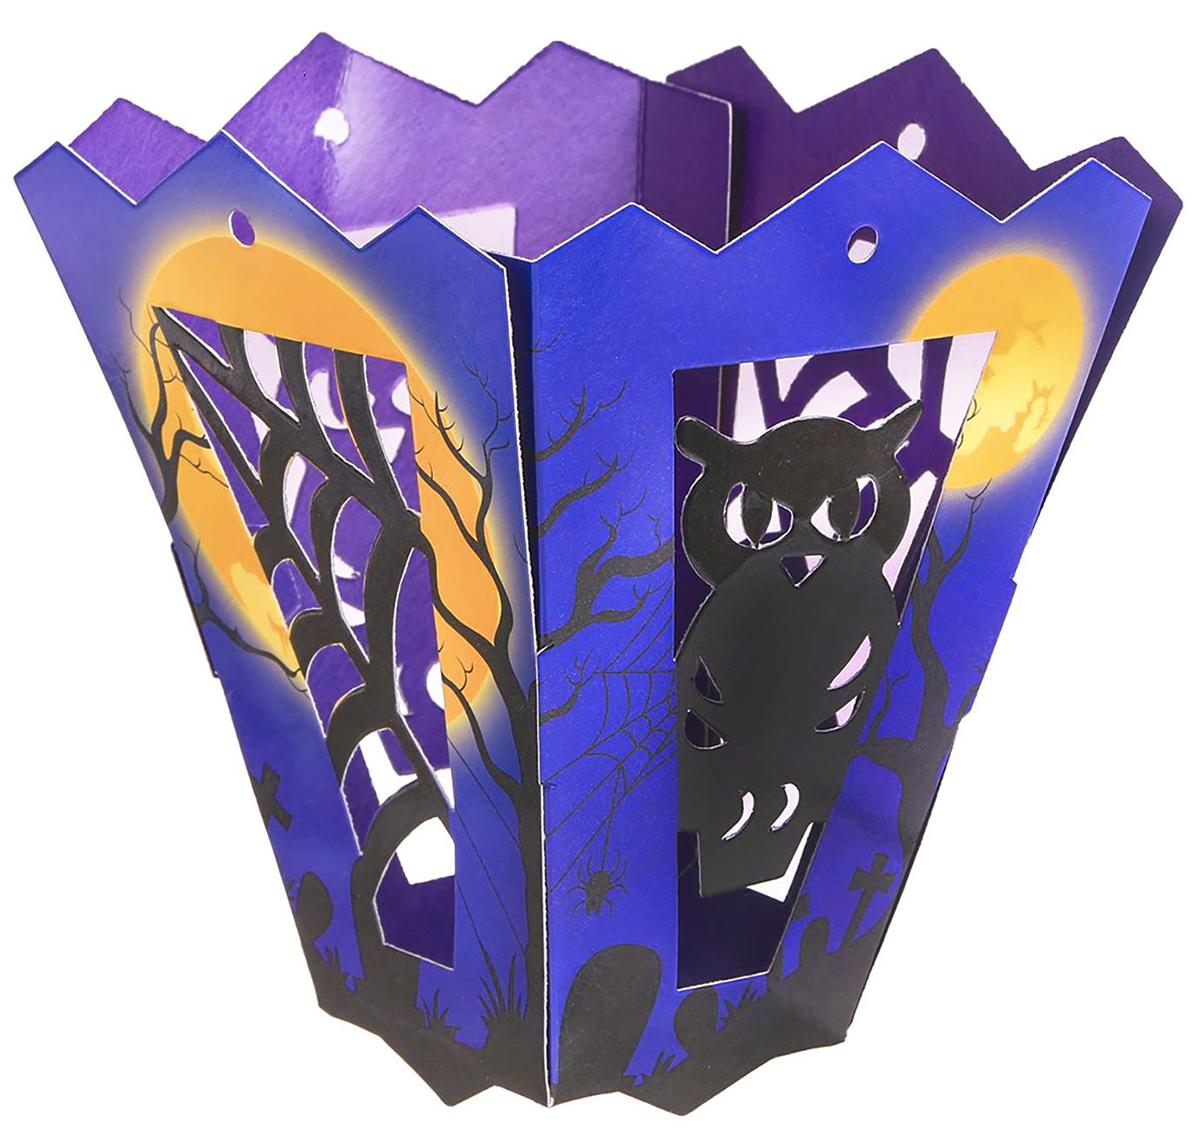 Подсвечник Halloween. Сова, со свечой, цвет: синий, черный, 10 х 3 х 12 см2494925Невозможно представить нашу жизнь без праздников! Мы всегда ждем их и предвкушаем, обдумываем, как проведем памятный день, тщательно выбираем подарки и аксессуары, ведь именно они создают и поддерживают торжественный настрой. — это отличный выбор, который привнесет атмосферу праздника в ваш дом!Известно, что на пламя можно смотреть вечно: его мягкое золотистое сияние проясняет сознание и чарует. Огонь свечи притягивает наше внимание еще больше. Он делает атмосферу загадочной и романтичной.